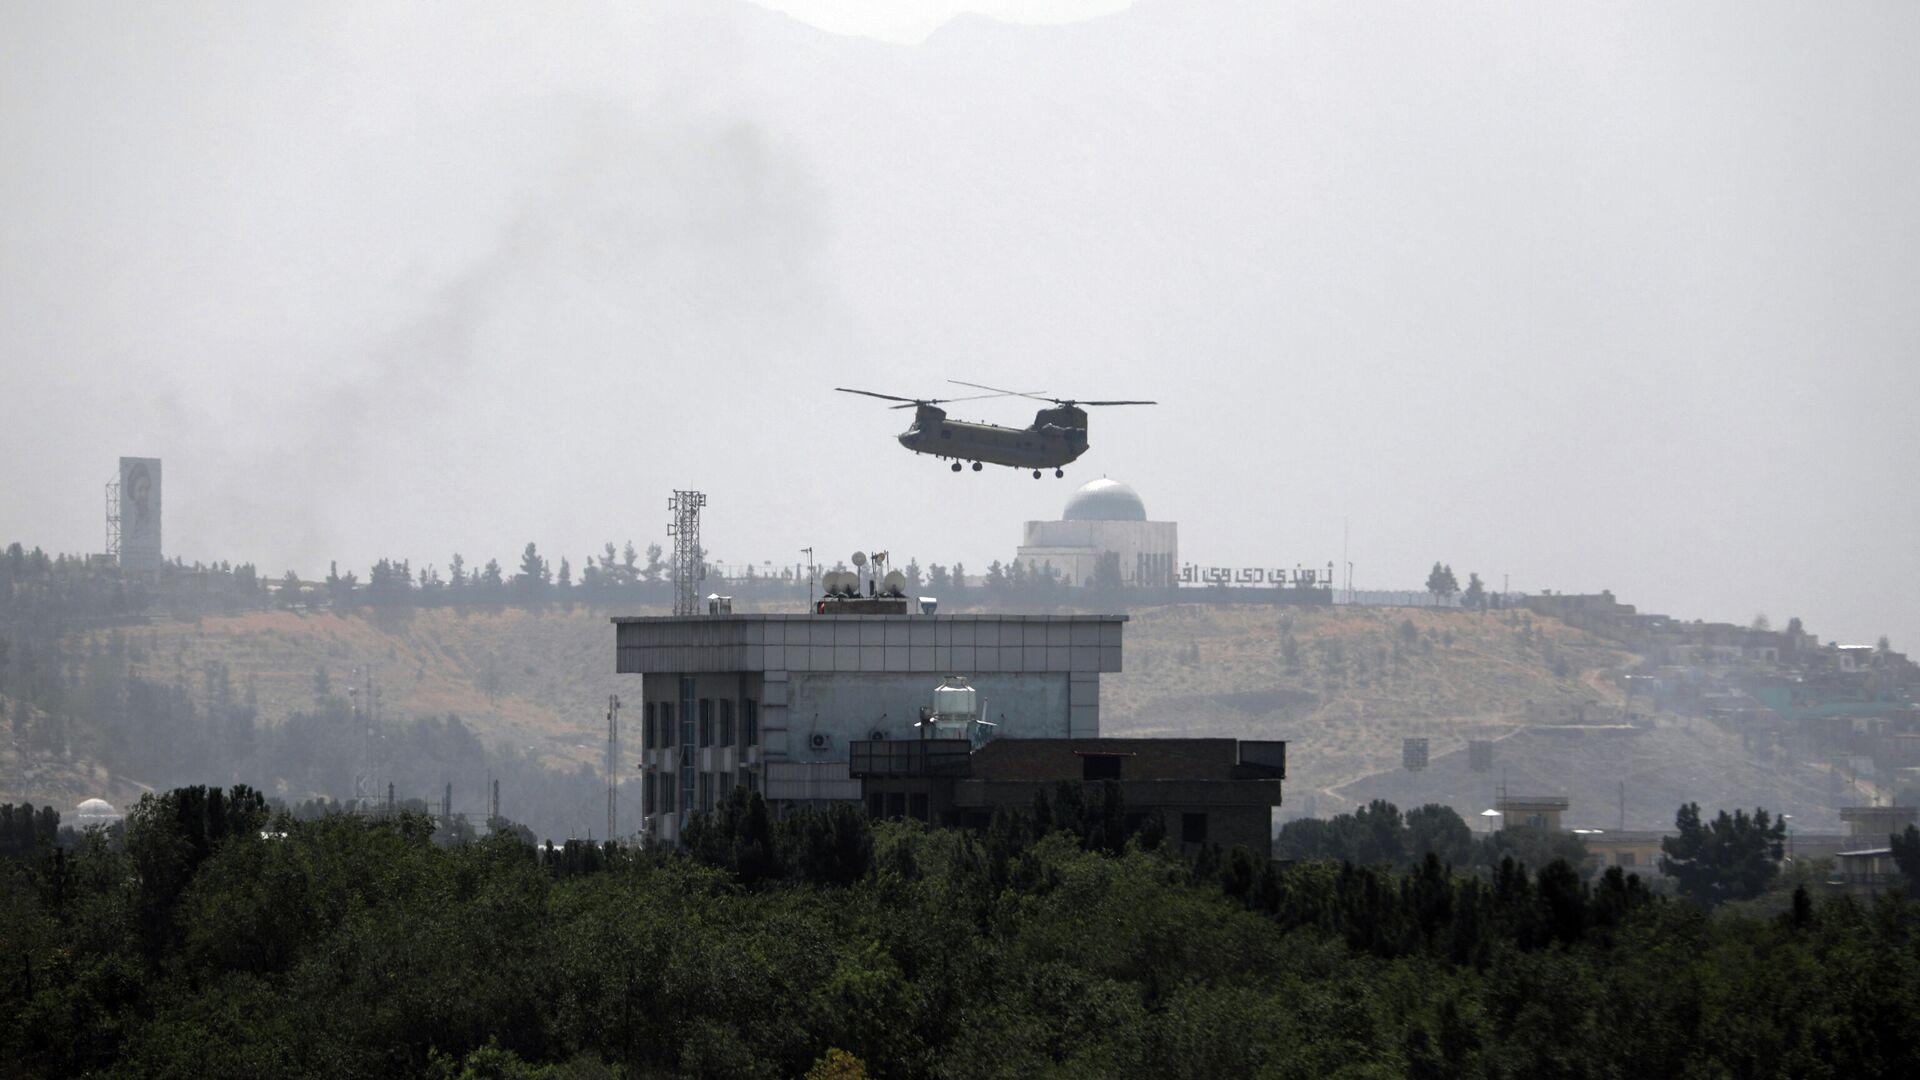 Вертолет США Chinook пролетает над посольством США в Кабуле - РИА Новости, 1920, 17.08.2021